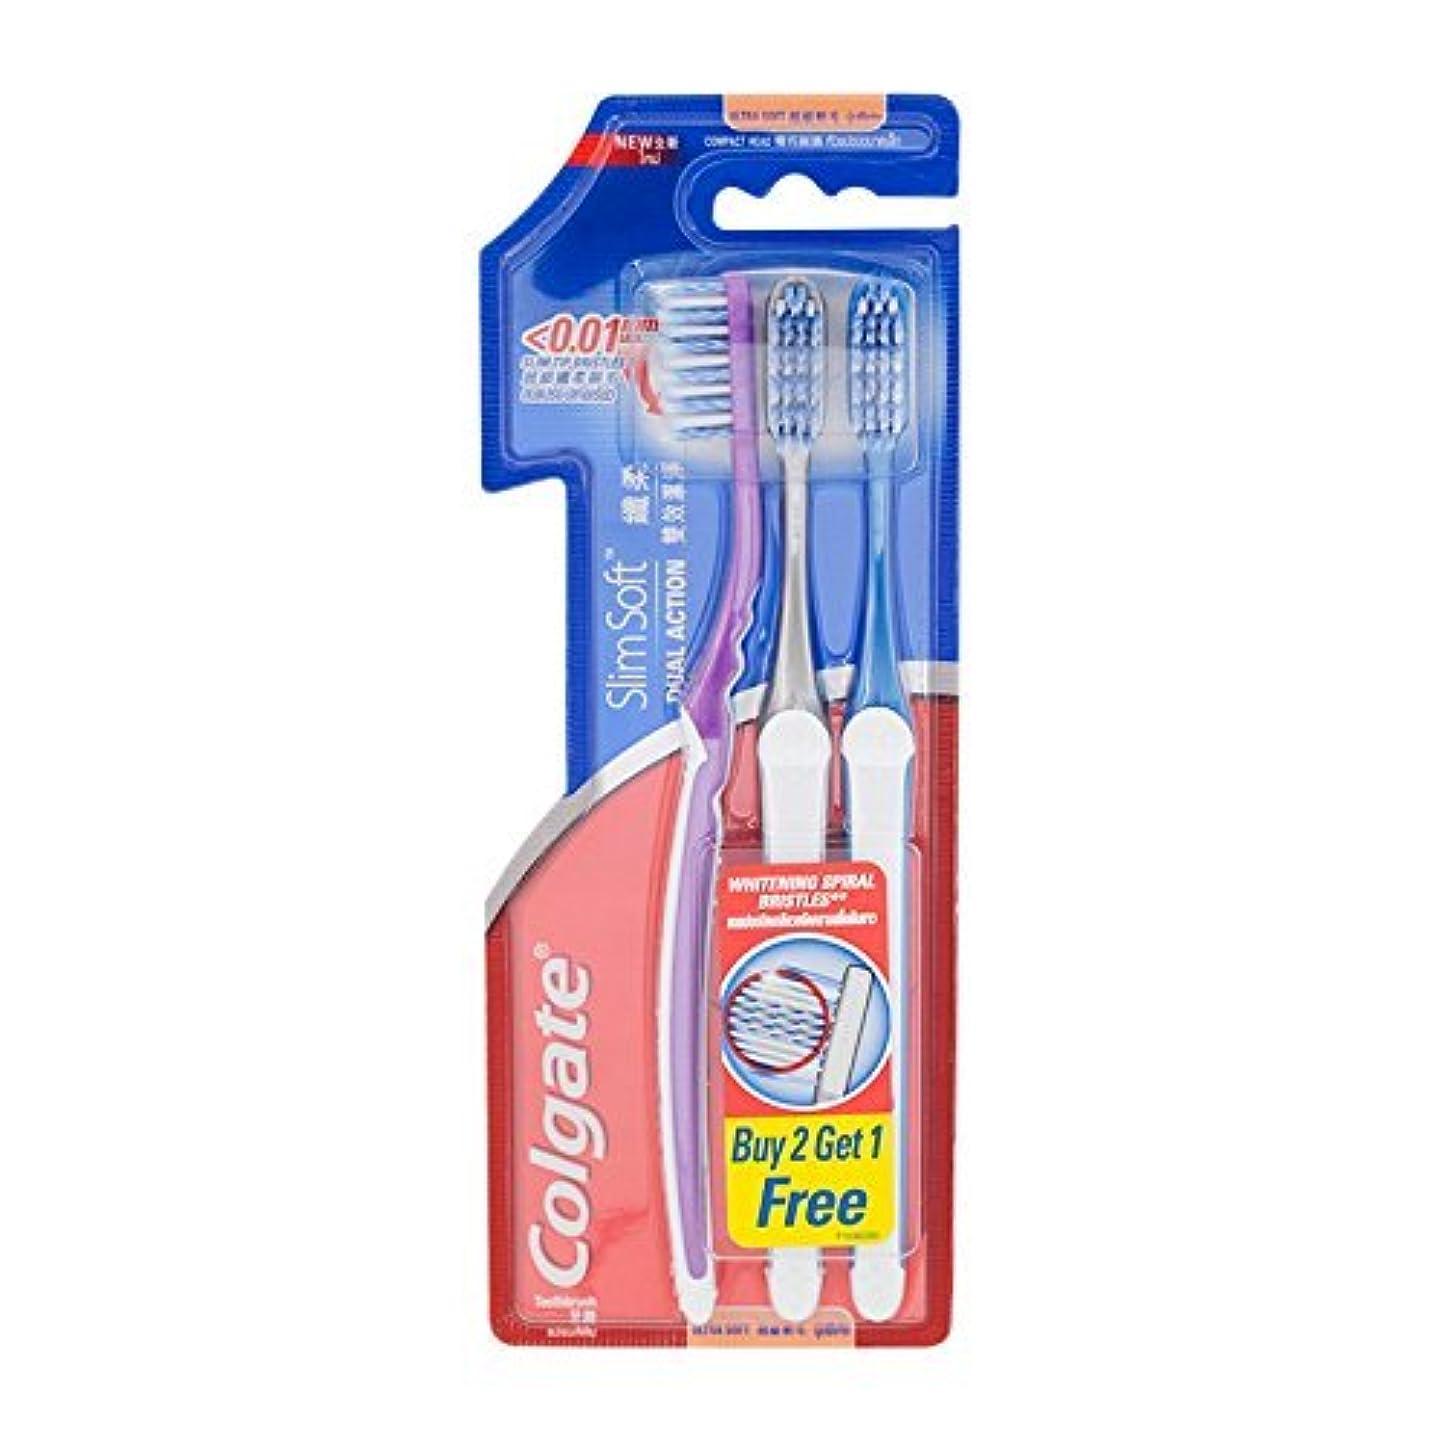 競う失業者ストラップColgate Compact Ultra Soft Dual Action | Slim Soft Toothbrush, Family Pack (3 Bristles) by BeautyBreeze